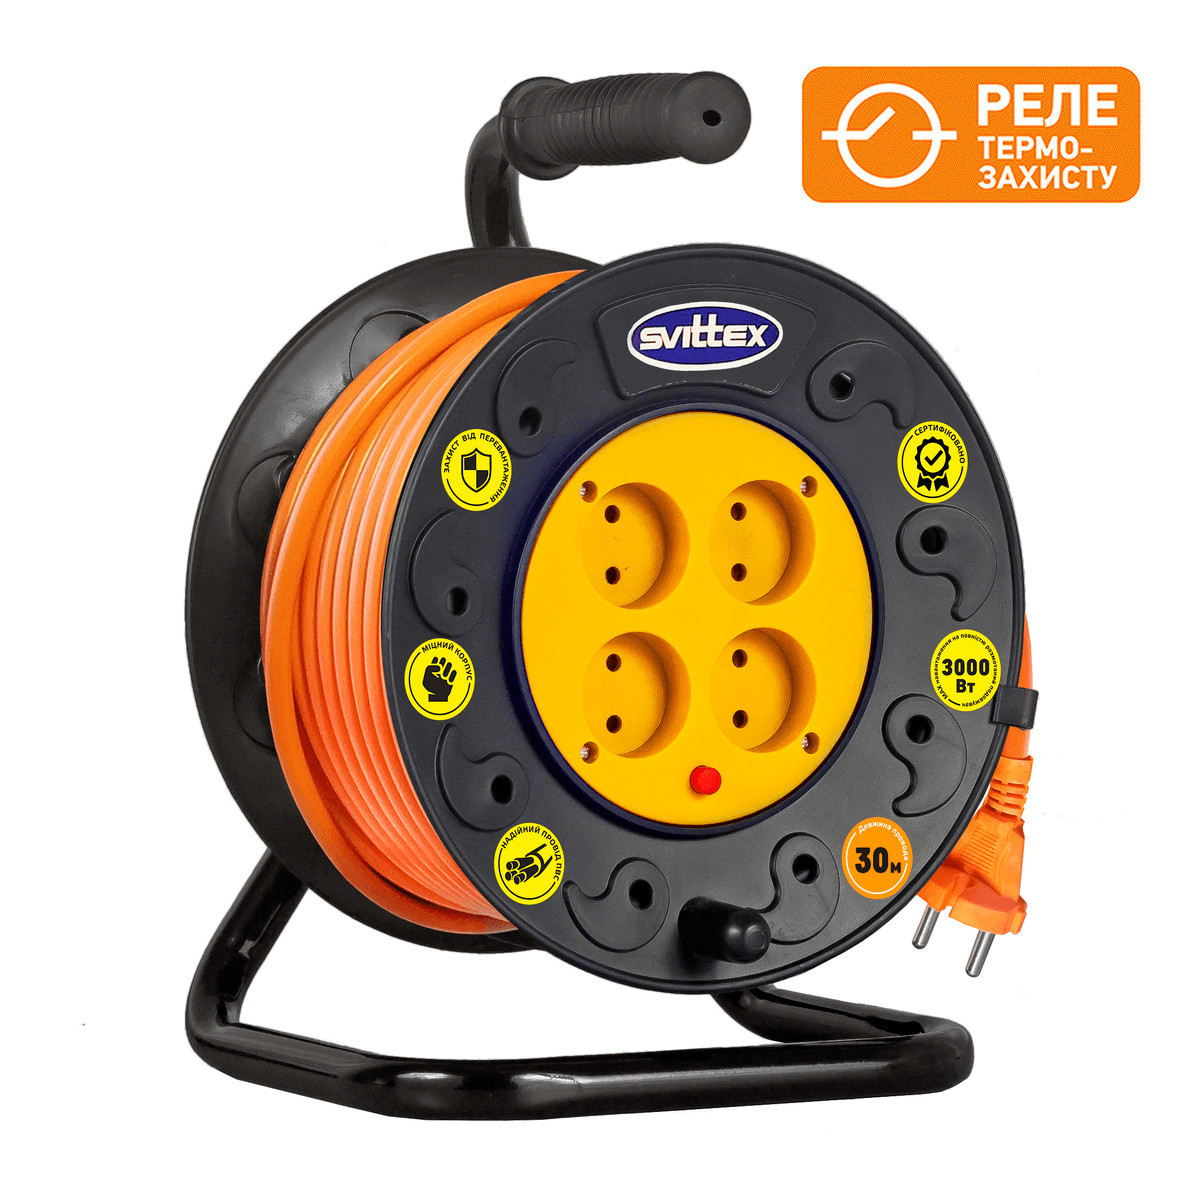 Подовжувач SVITTEX на котушці 30м з перерізом проводу 2х1,5 мм2 і термозахистом!